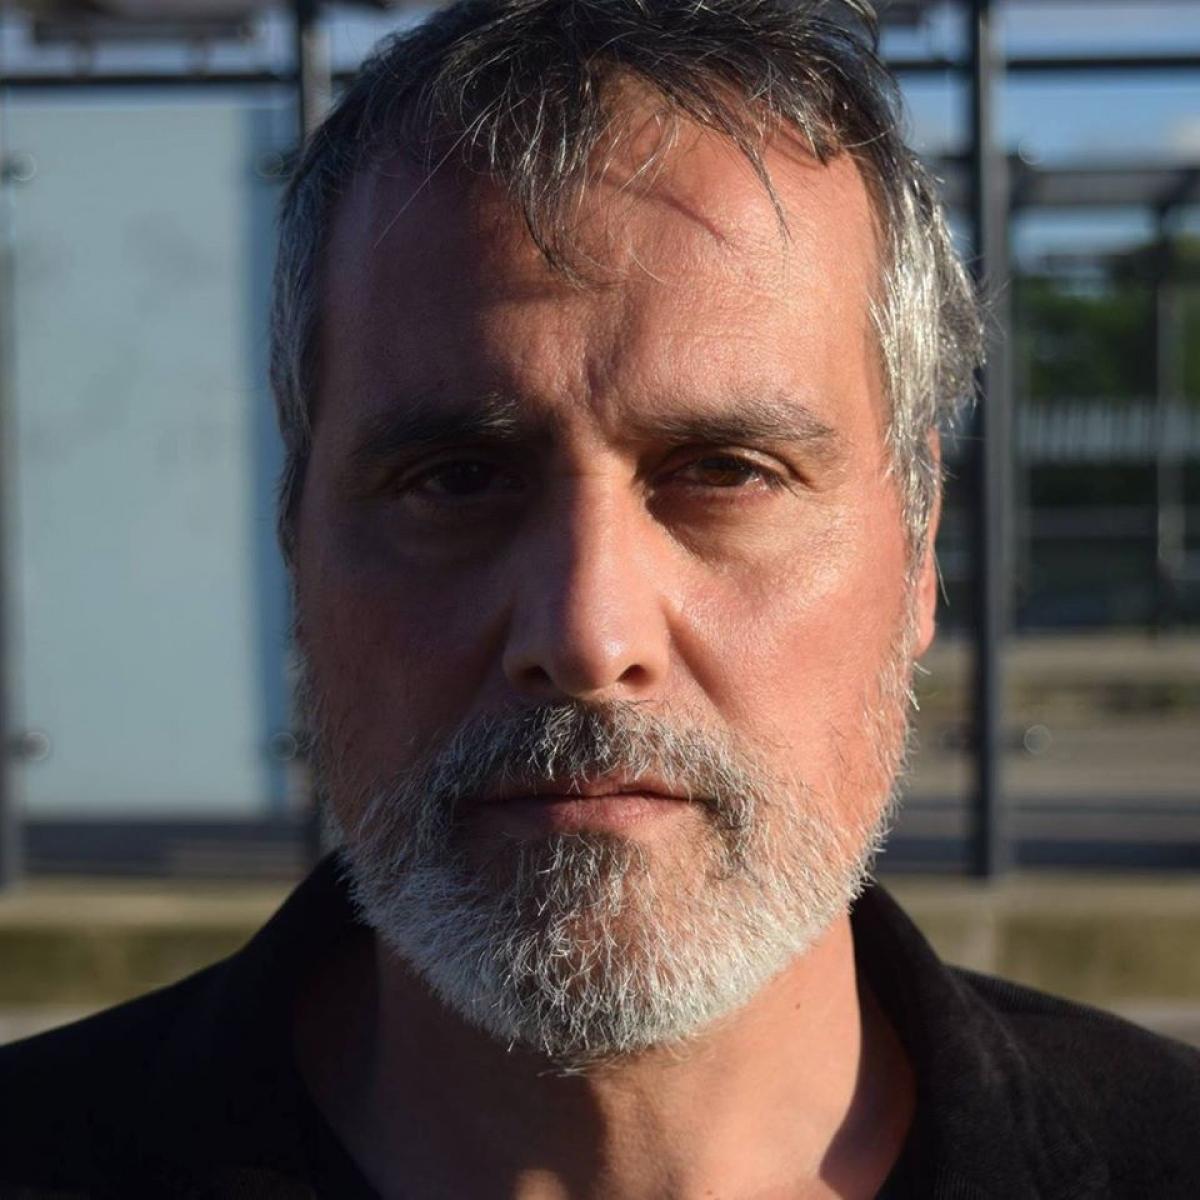 Đạo diễn người Pháp Marcelino Martin Valiente.